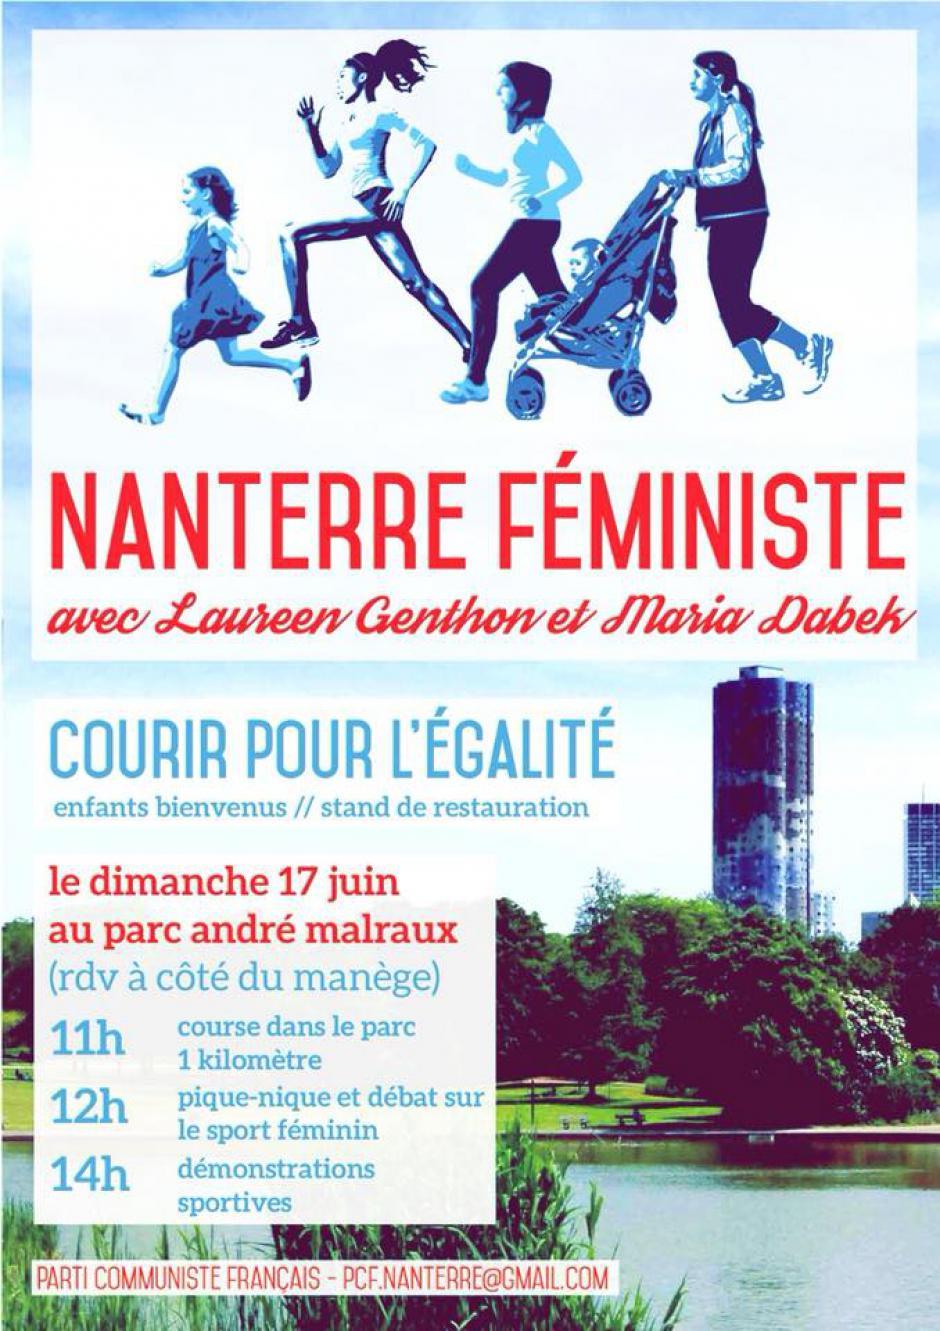 Dimanche 17 juin, Nanterre féministe